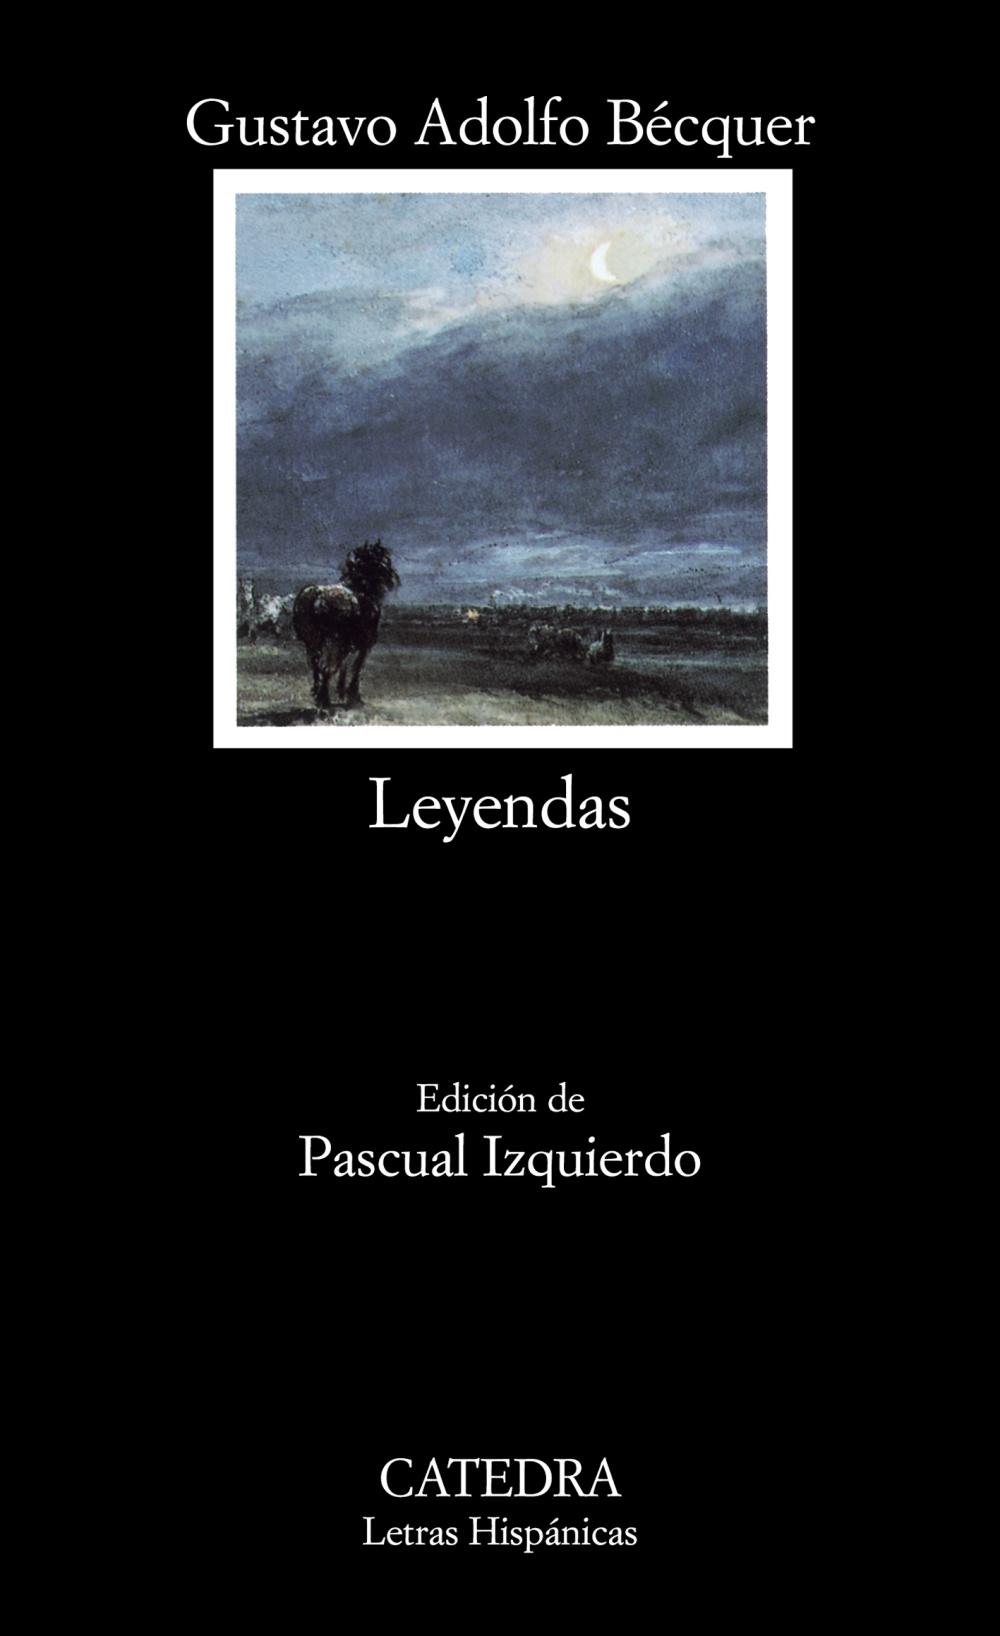 leyendas (19ª ed.)-gustavo adolfo becquer-9788437620244